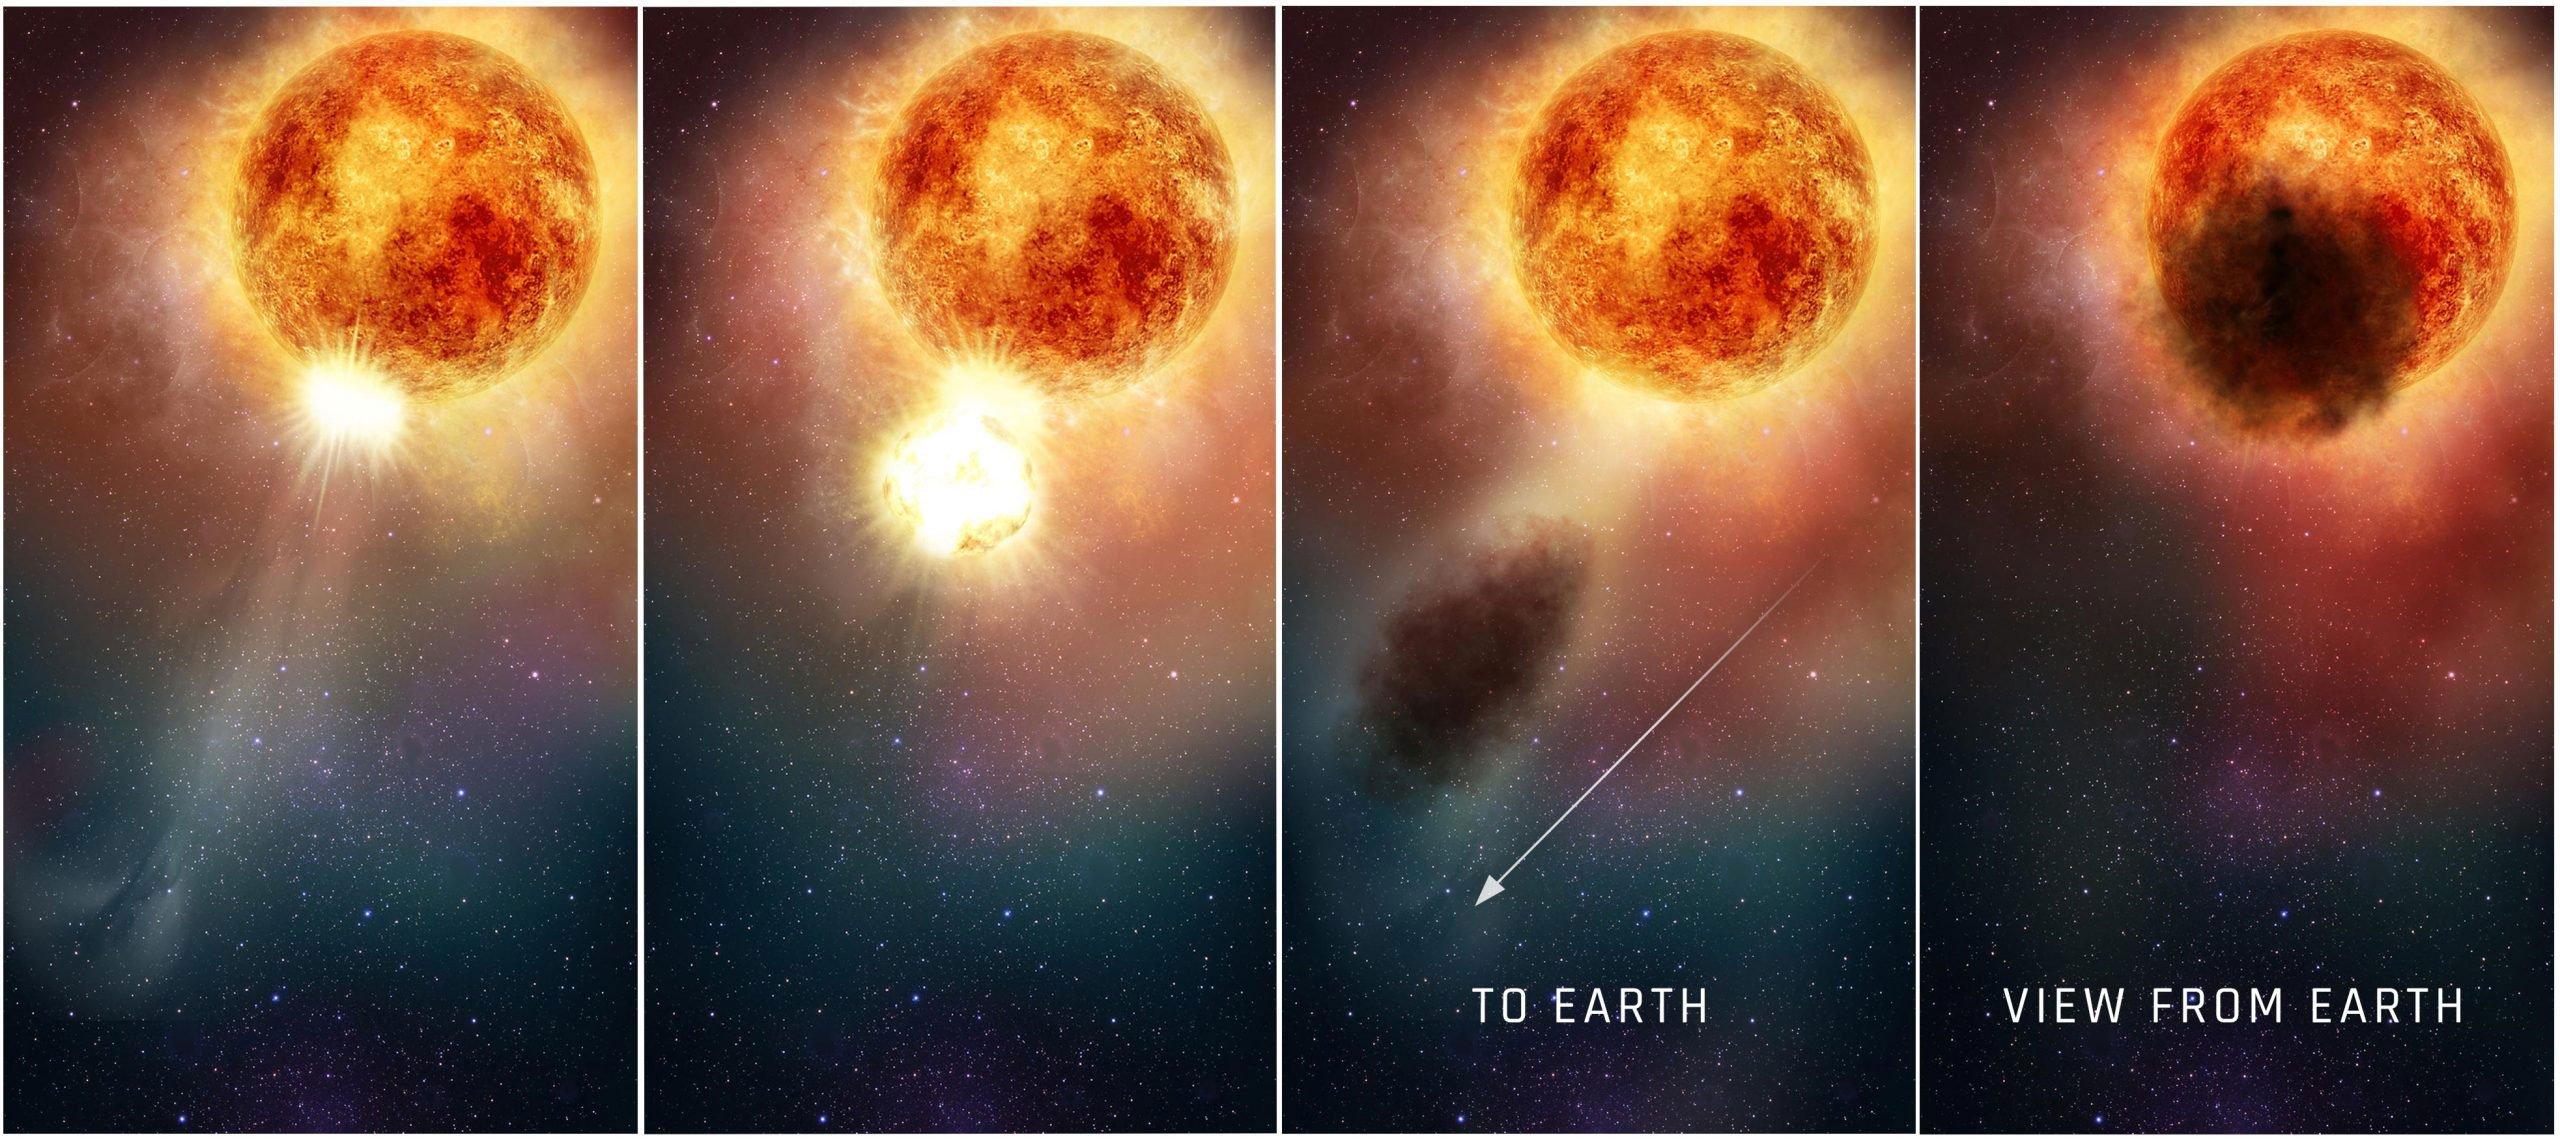 獵戶座亮星參宿四噴射物質及其亮度變暗示意圖。(NASA, ESA, and E. Wheatley (STScI))